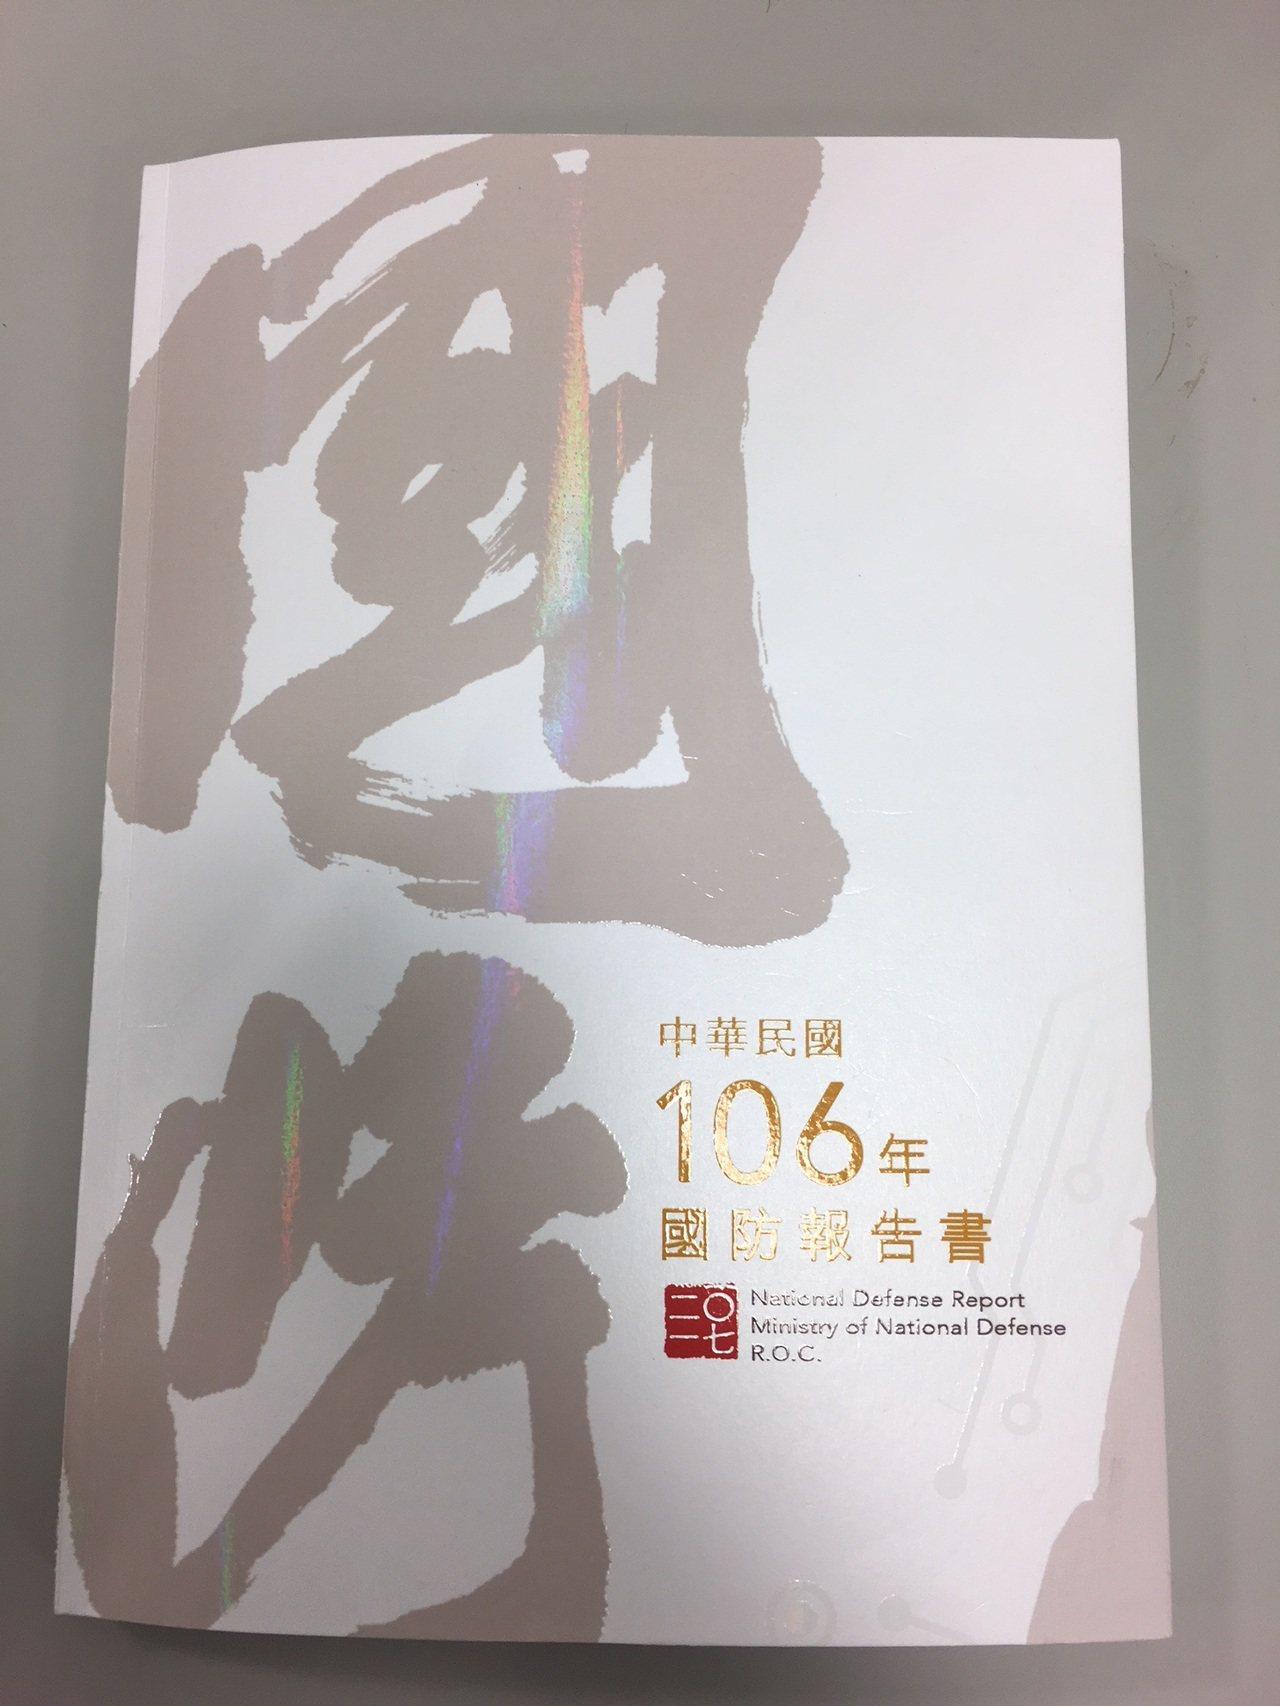 國防部強調報告書的封面是台灣本島的意像設計,但實際直接看封面,無法窺一全貌,其實...